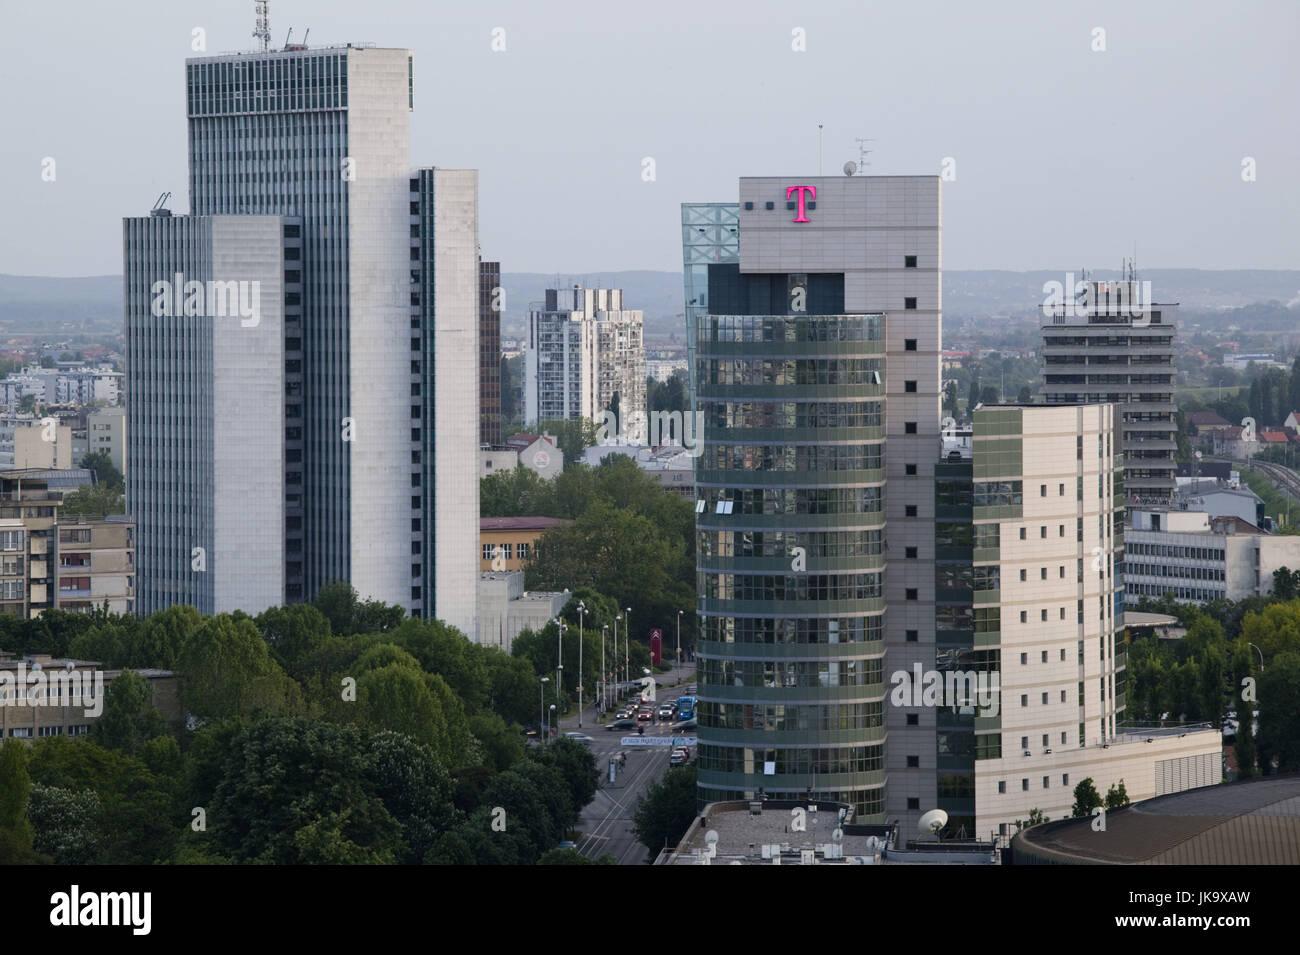 Kroatien, Zagreb, Stadtansicht, Hochhäuser, - Stock Image